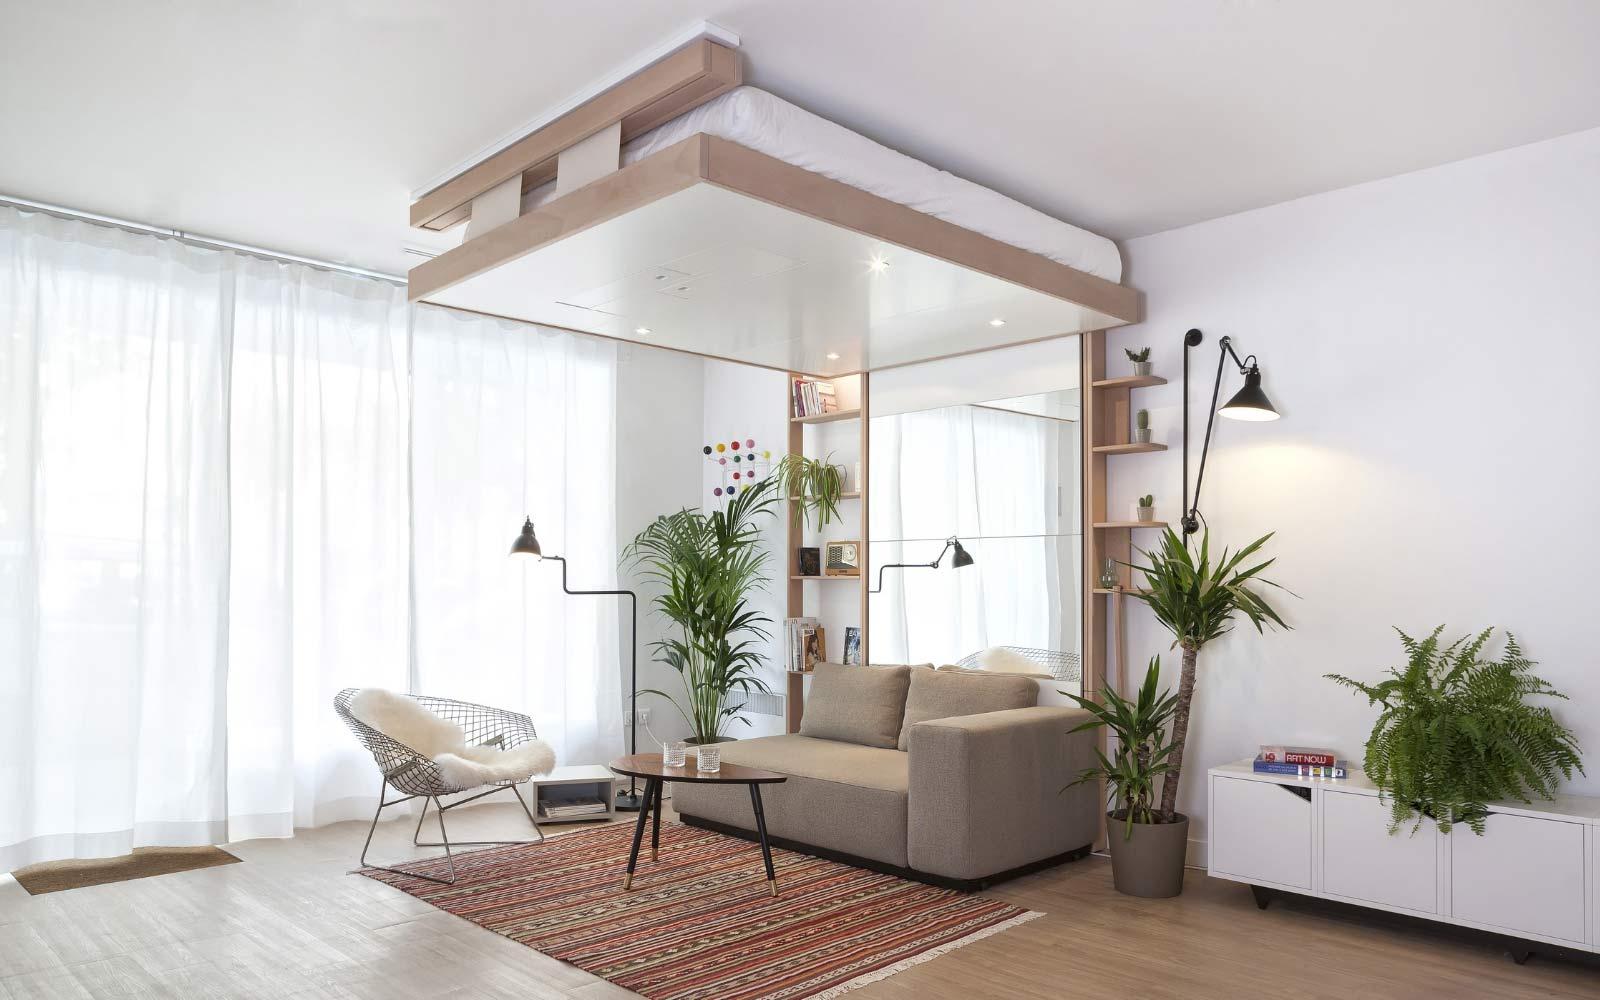 Lit Escamotable Bedup® : La Solution Pour Les Petits Espaces avec Lit Escamotable Plafond Pas Cher